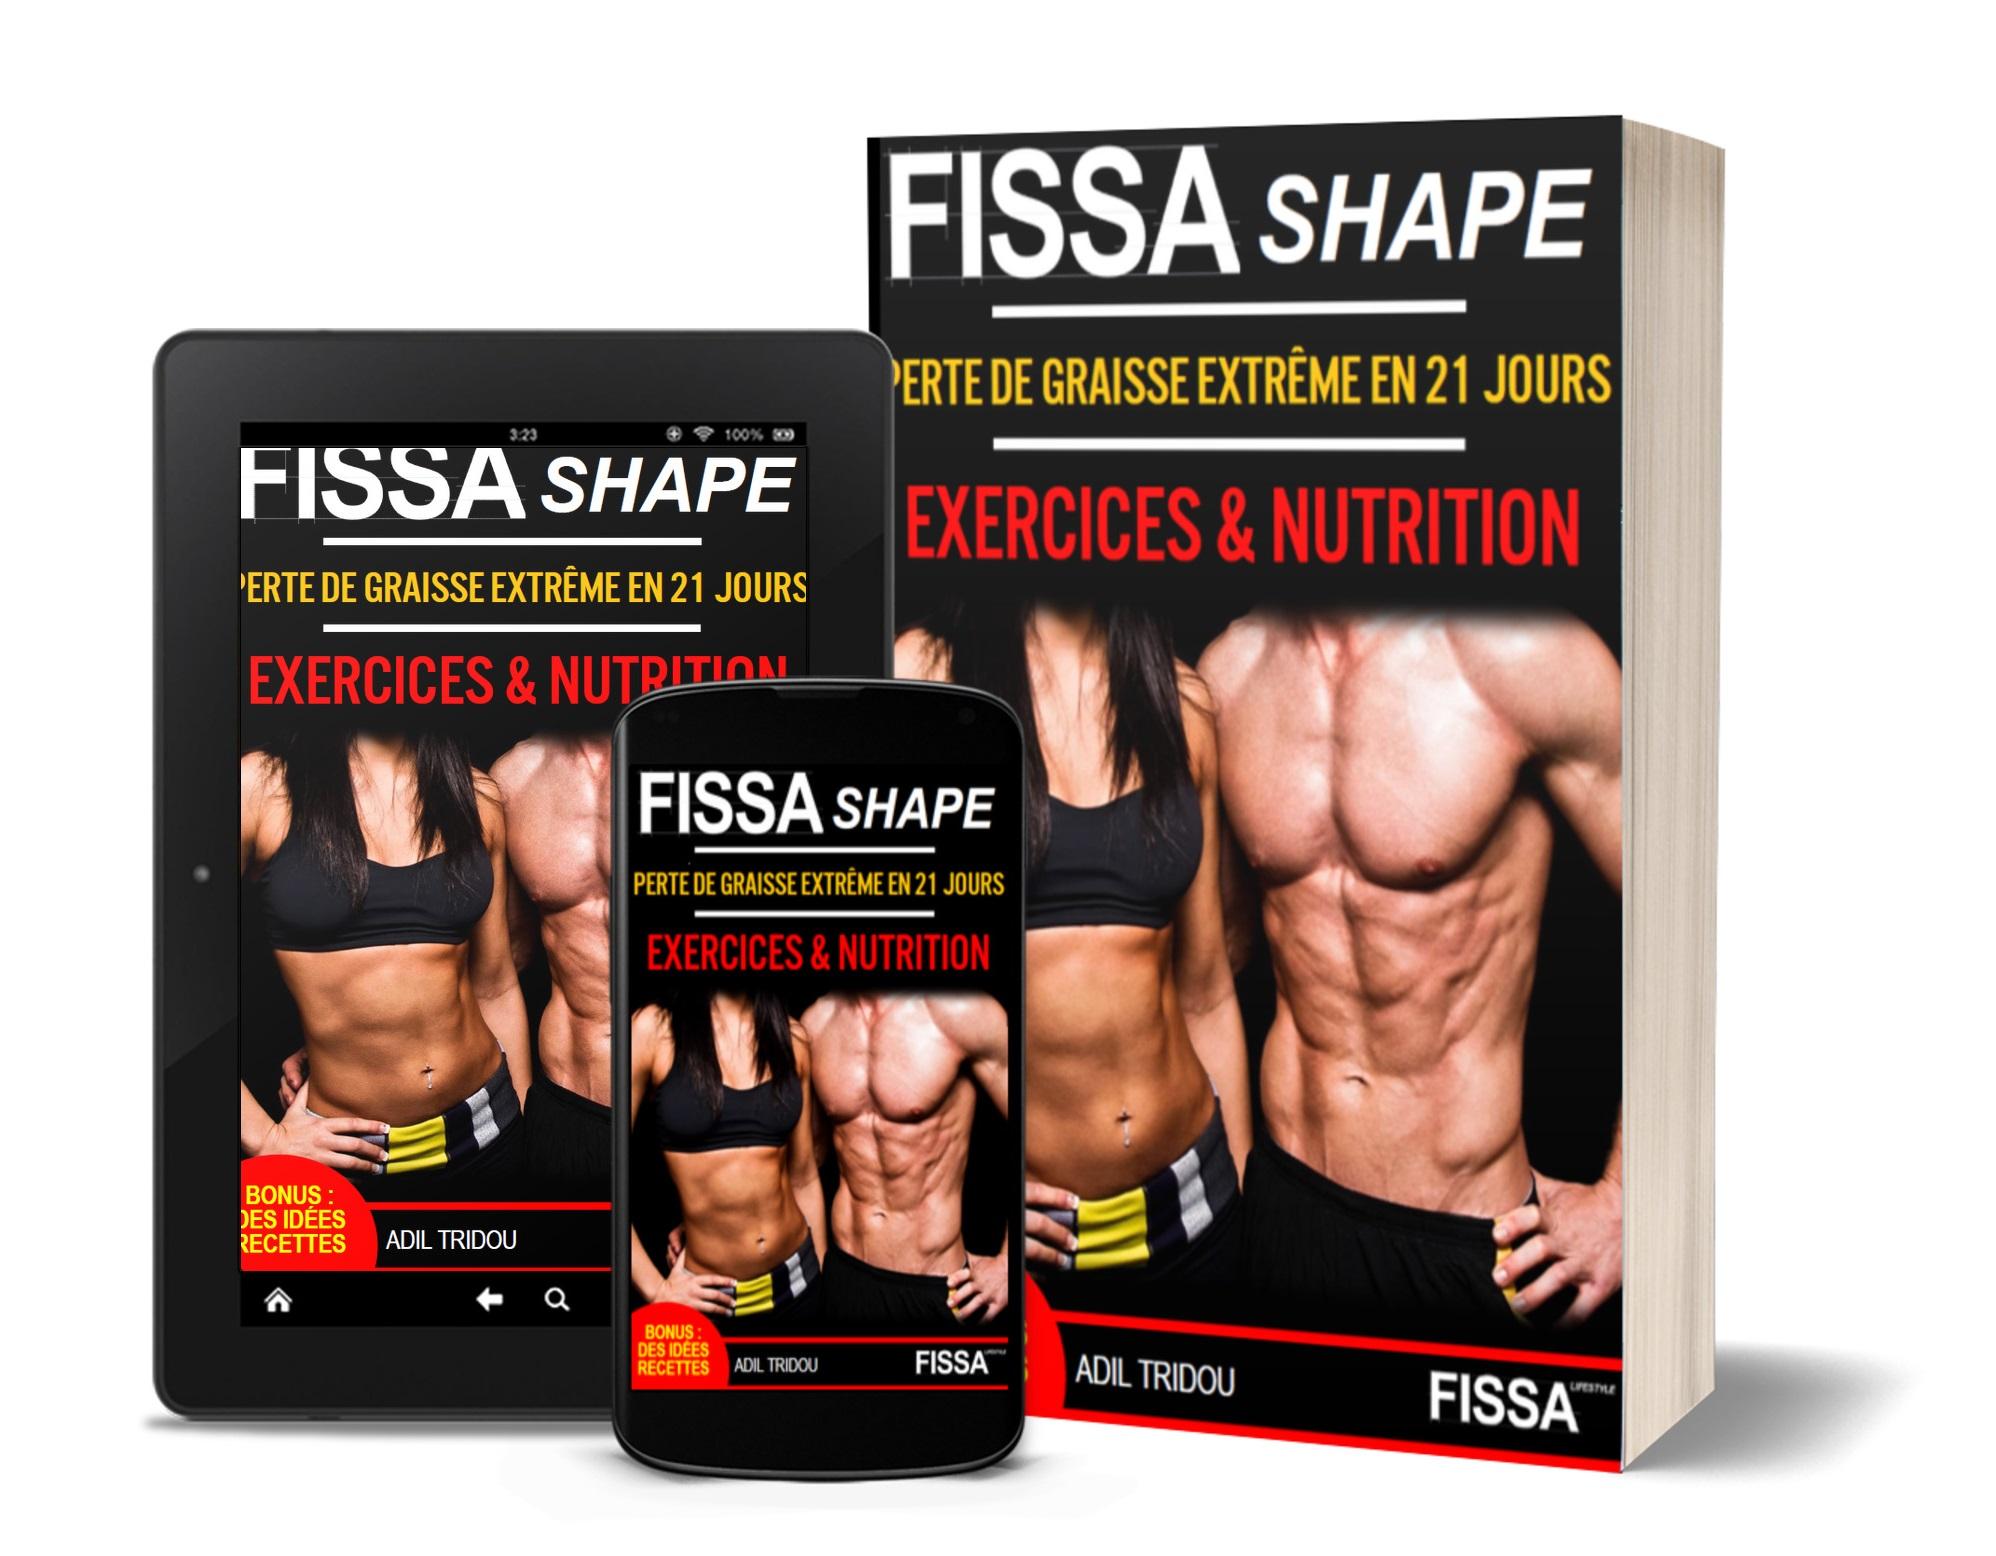 Éliminez rapidement les graisses, tout en développant vos muscles, en gagnant en confiance, le tout avec un plan facile à suivre et garanti